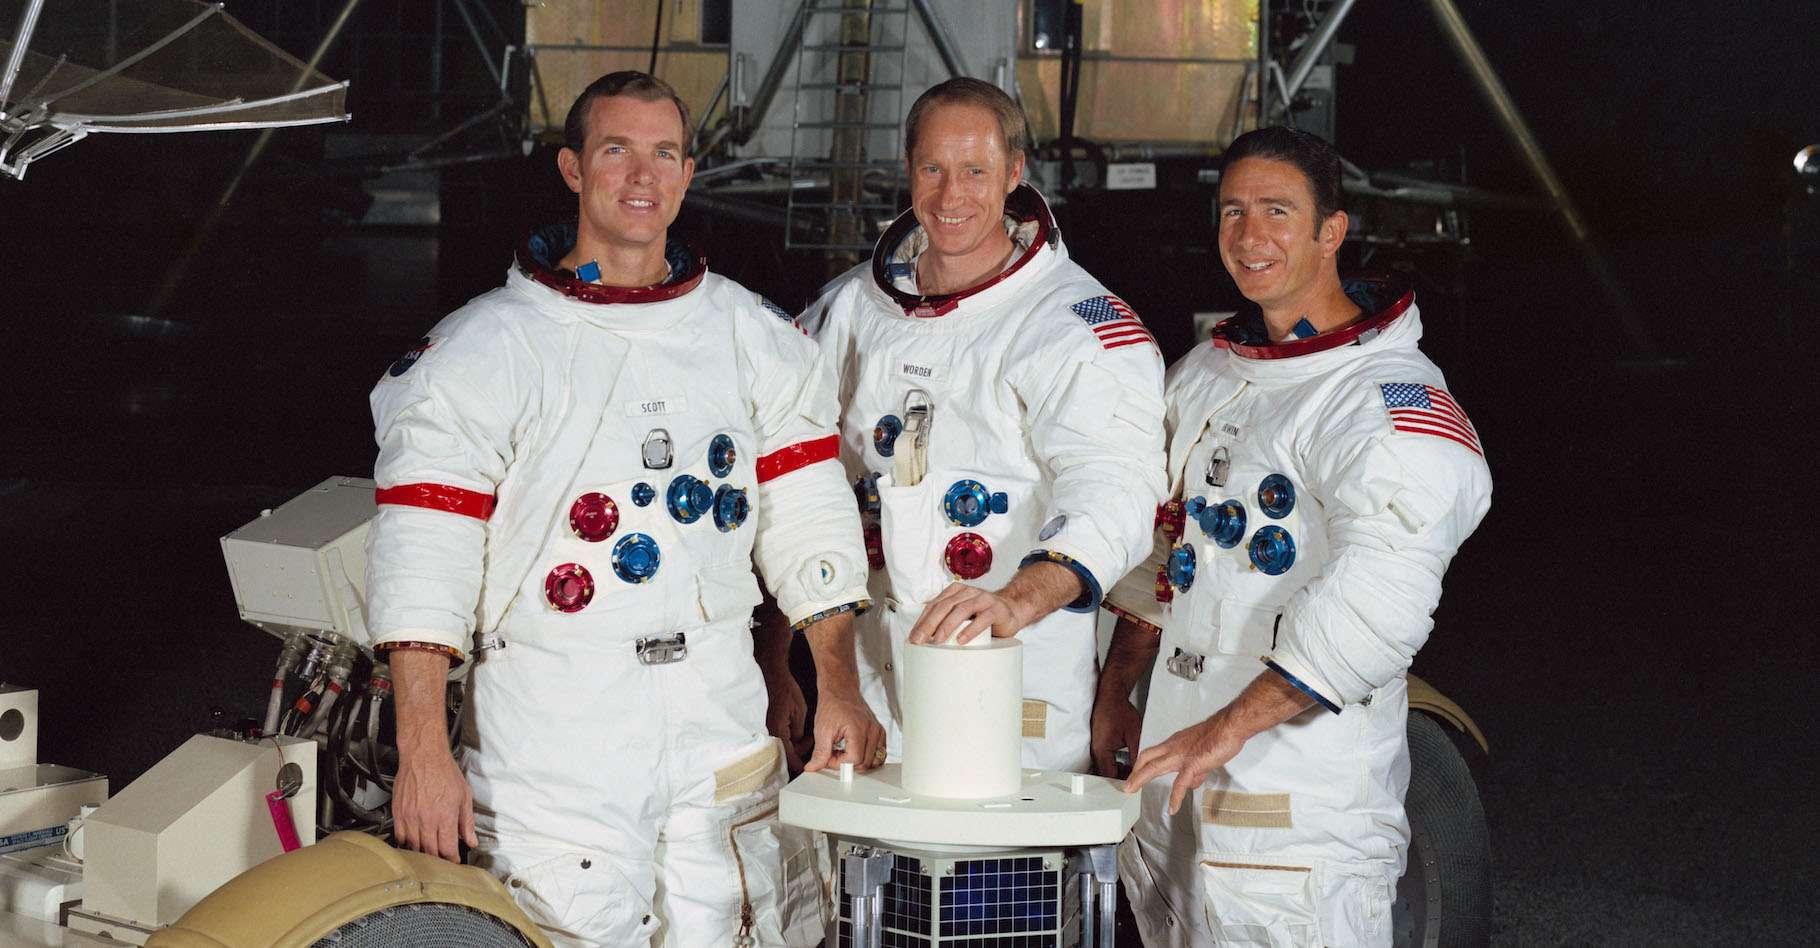 Al Worden, ici au centre, est décédé ce mercredi 18 mars 2020. Il était de l'équipage d'Apollo 15. © fotoo, Adobe Stock